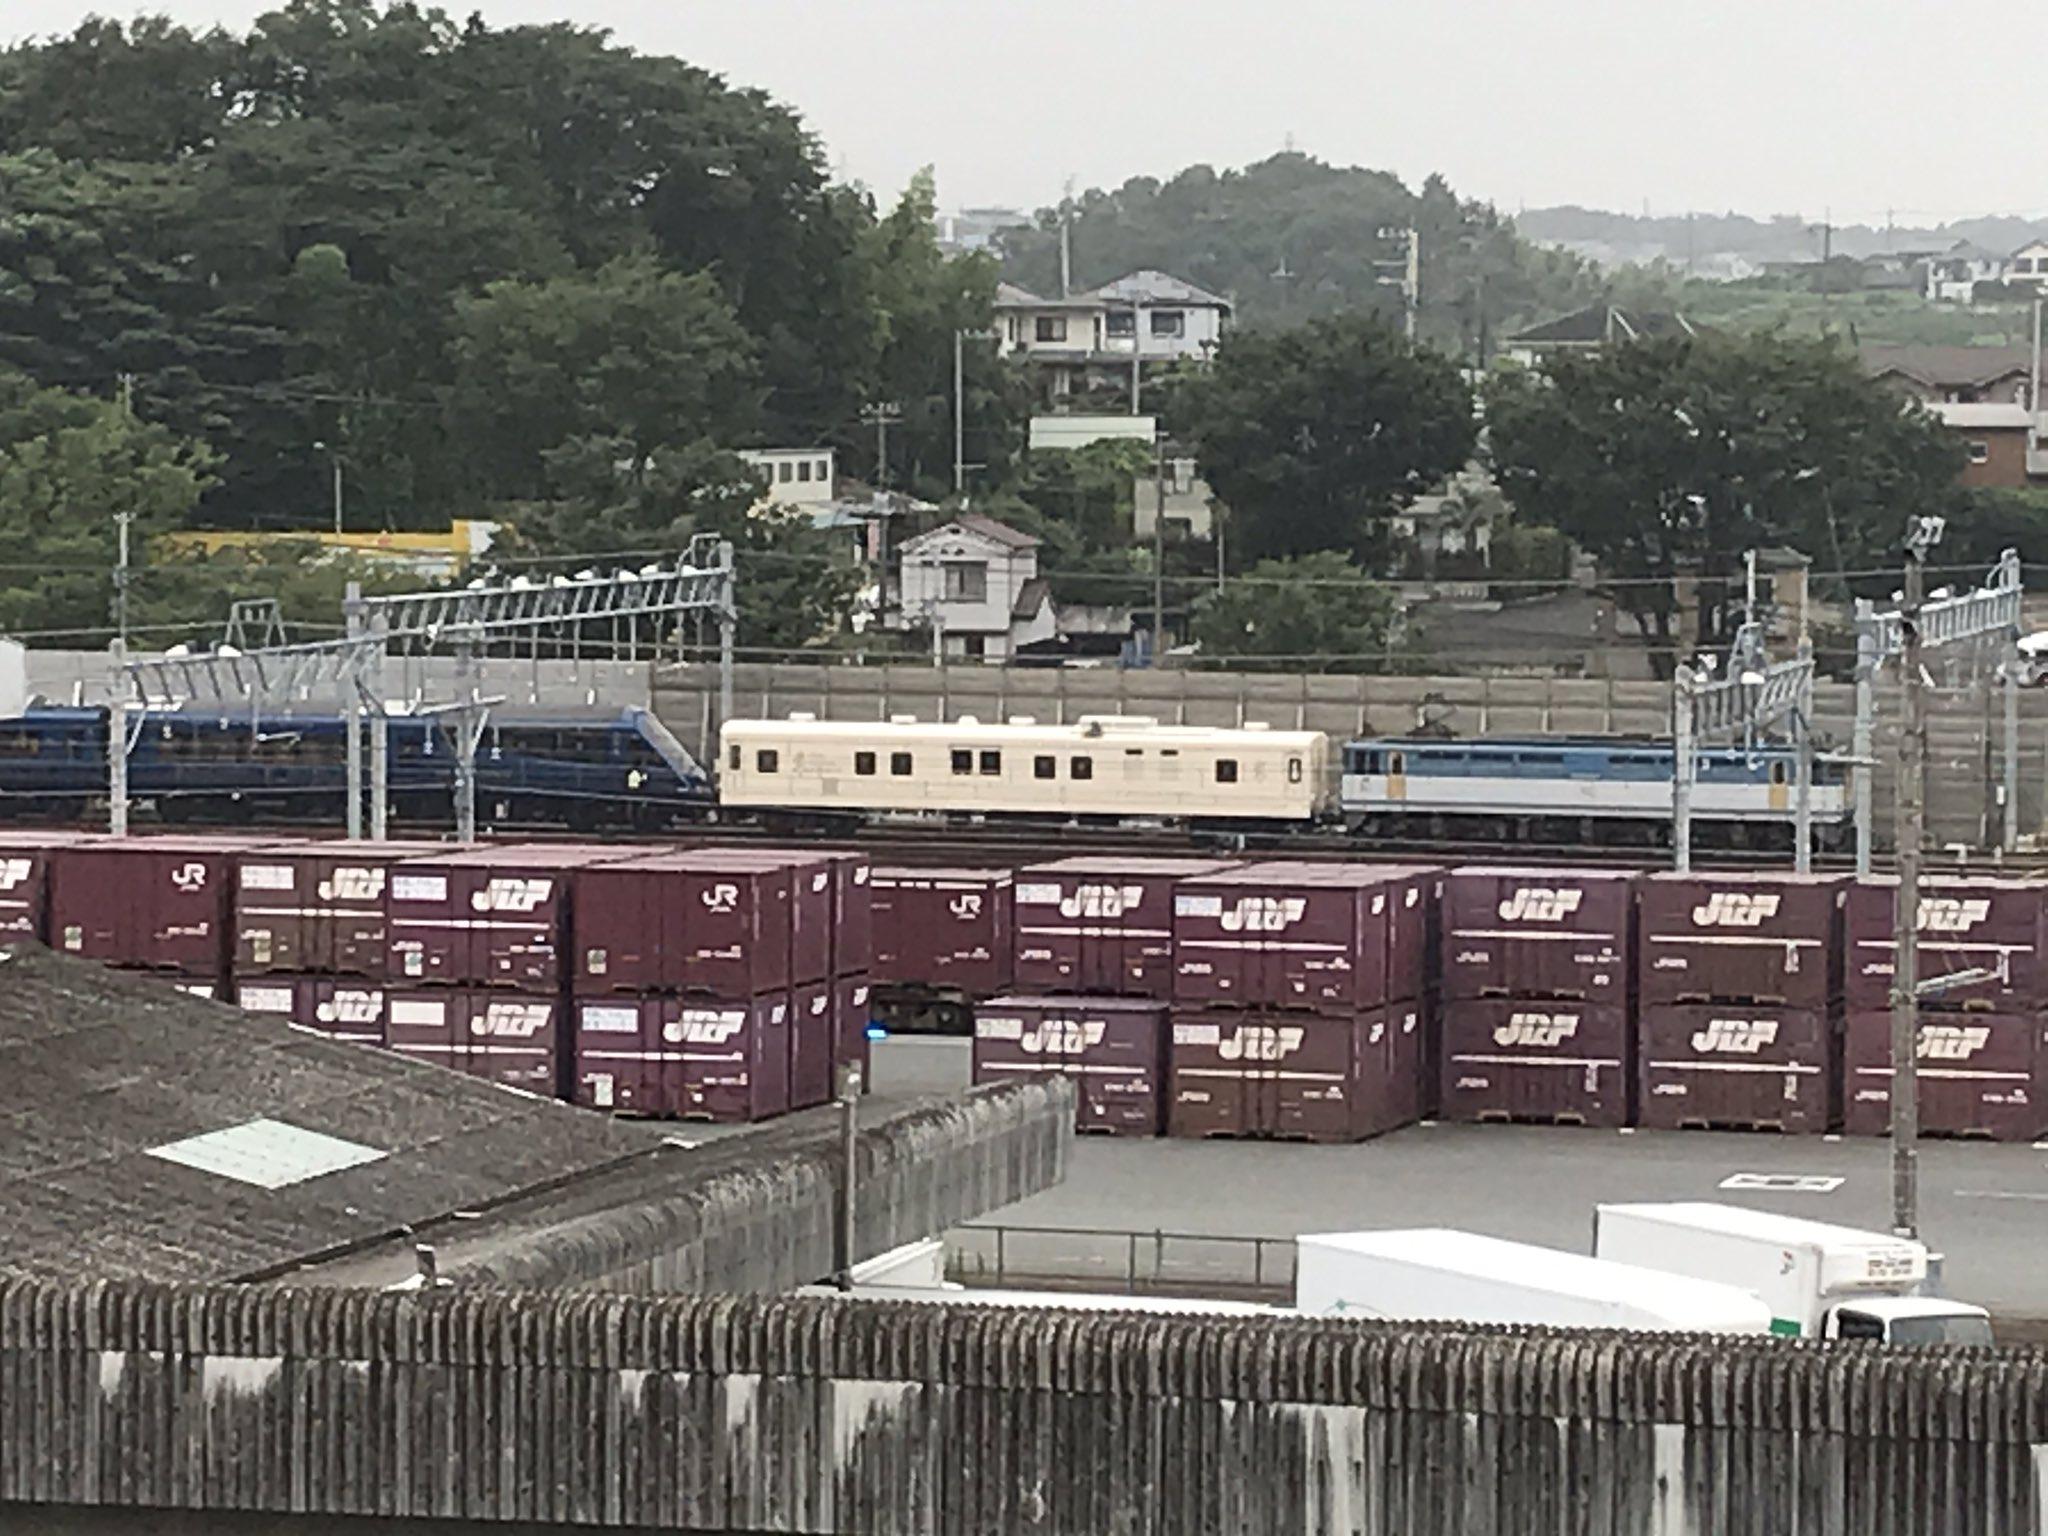 【ロイヤルエクスプレス】伊豆急2100系+マニ10形の甲種輸送はどうなった? なぜスジが非公開になったのか